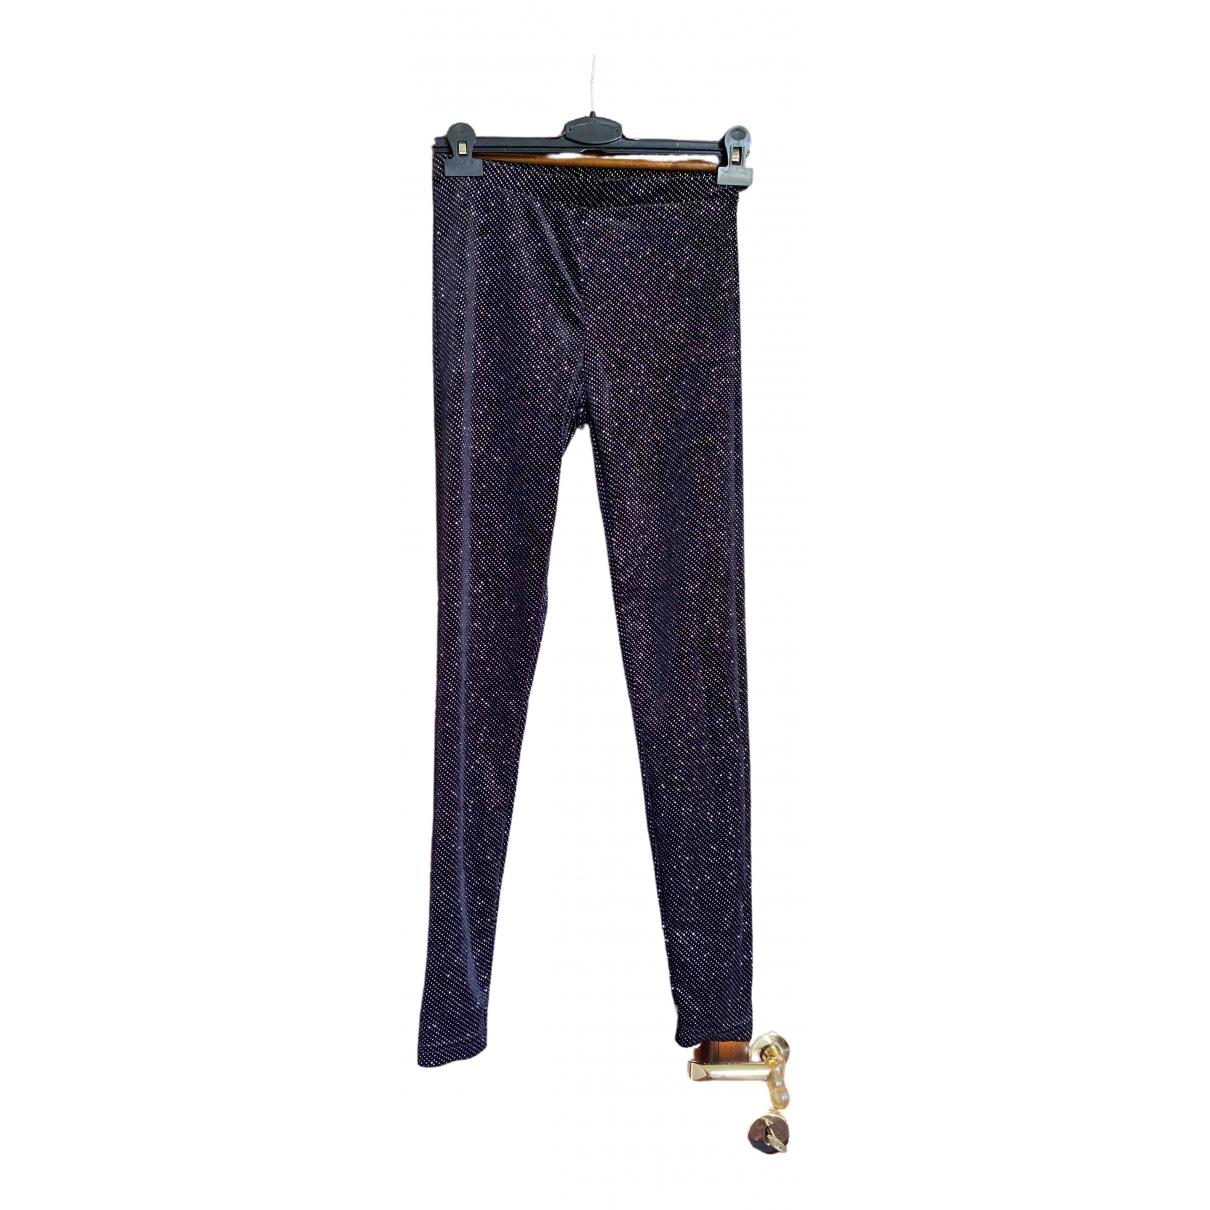 Zara \N Black Trousers for Women 40 IT